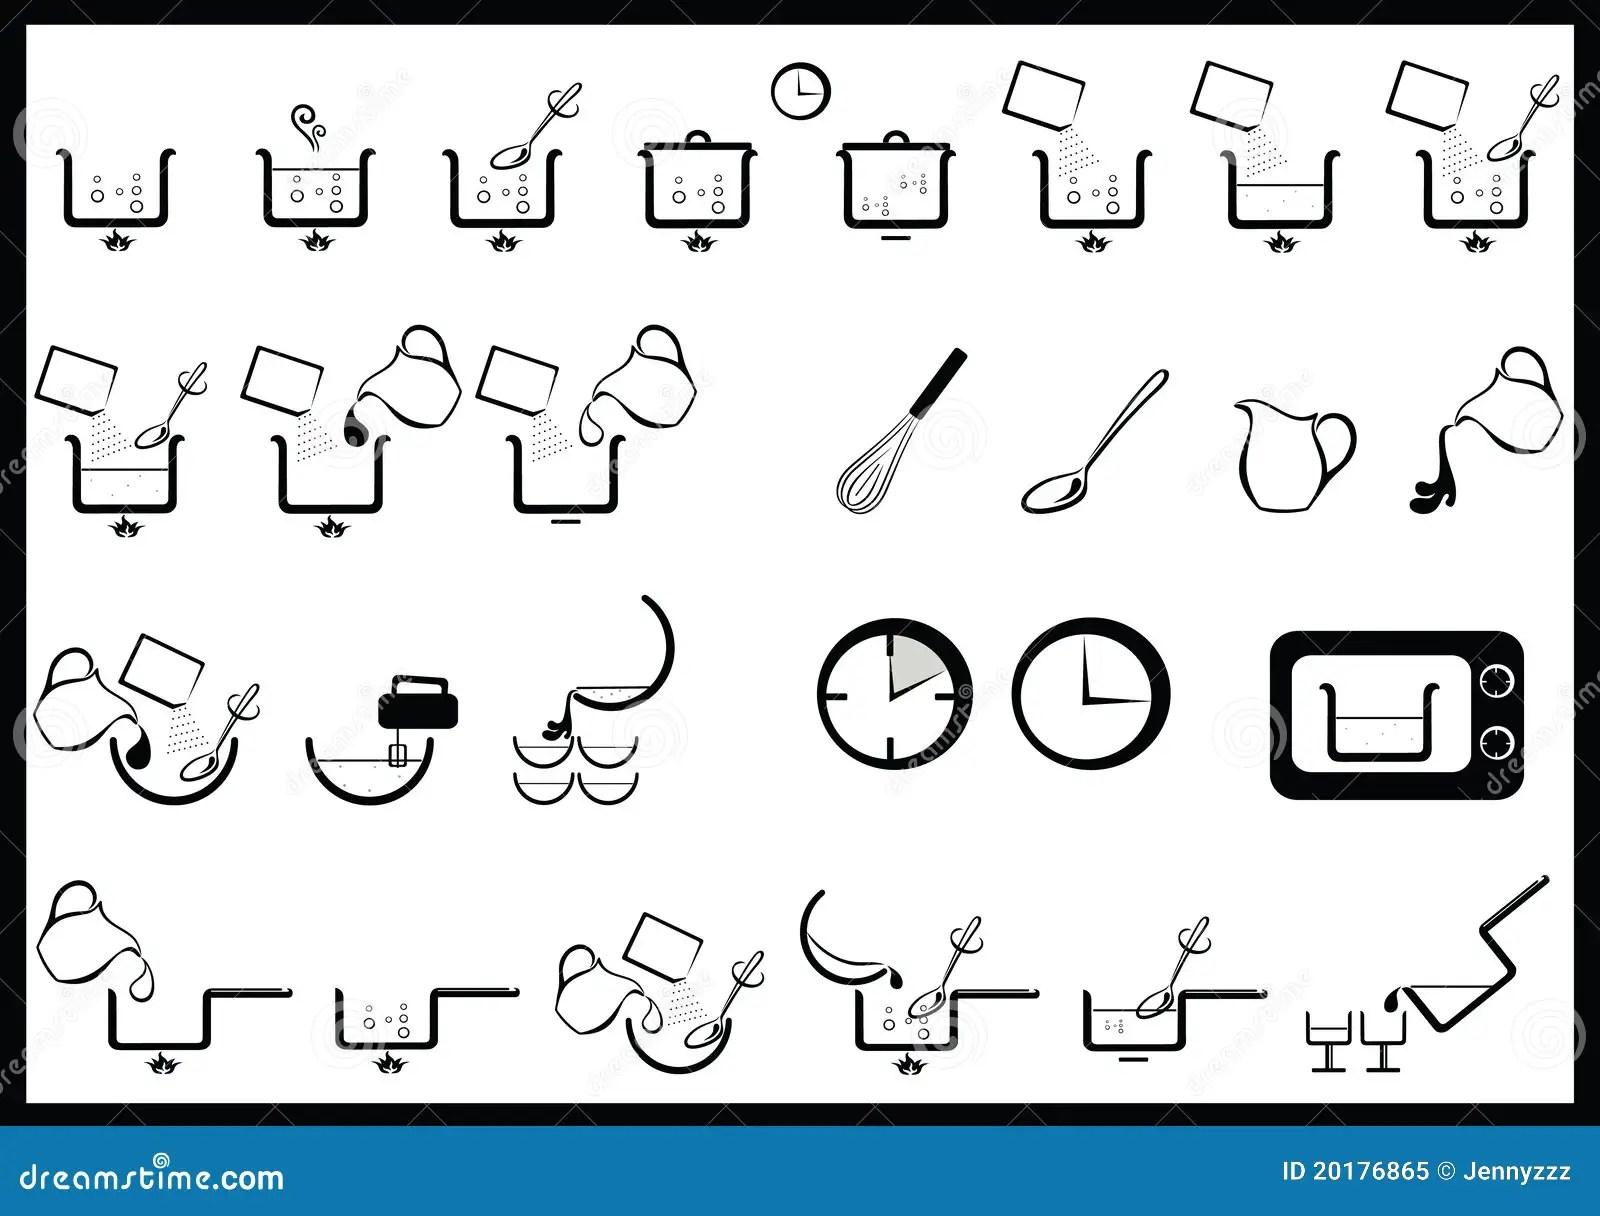 Het koken instructies vector illustratie. Illustratie